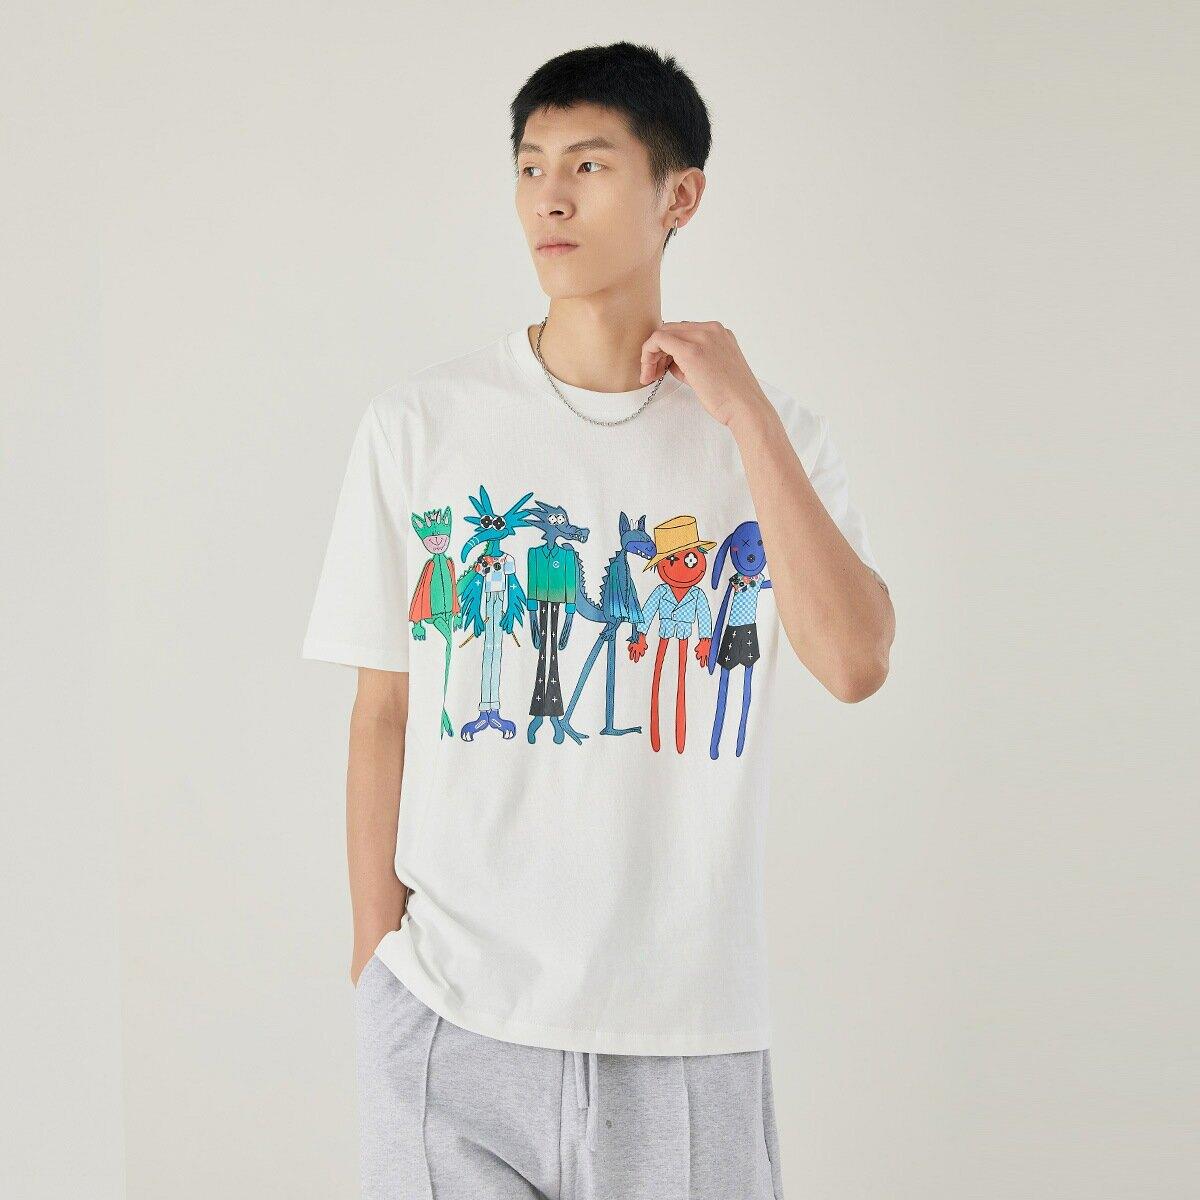 男裝日系清新修身短袖男純棉打底衫夏季潮牌卡通動漫印花T恤